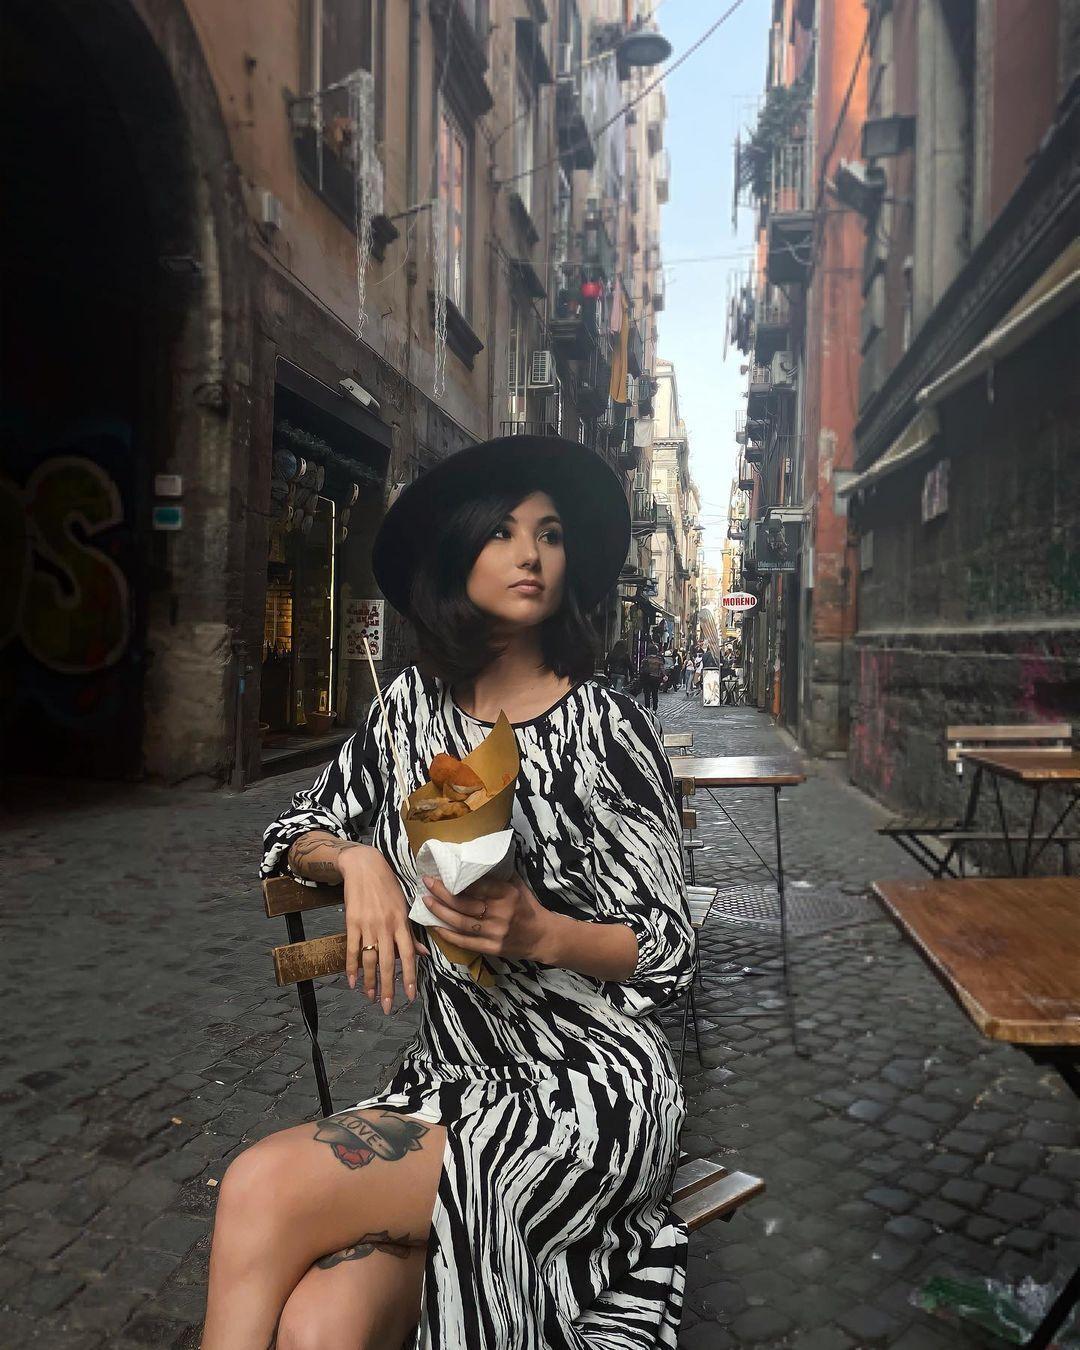 Девушка солиста группы Måneskin Давида Дамиано – Джорджия Солери